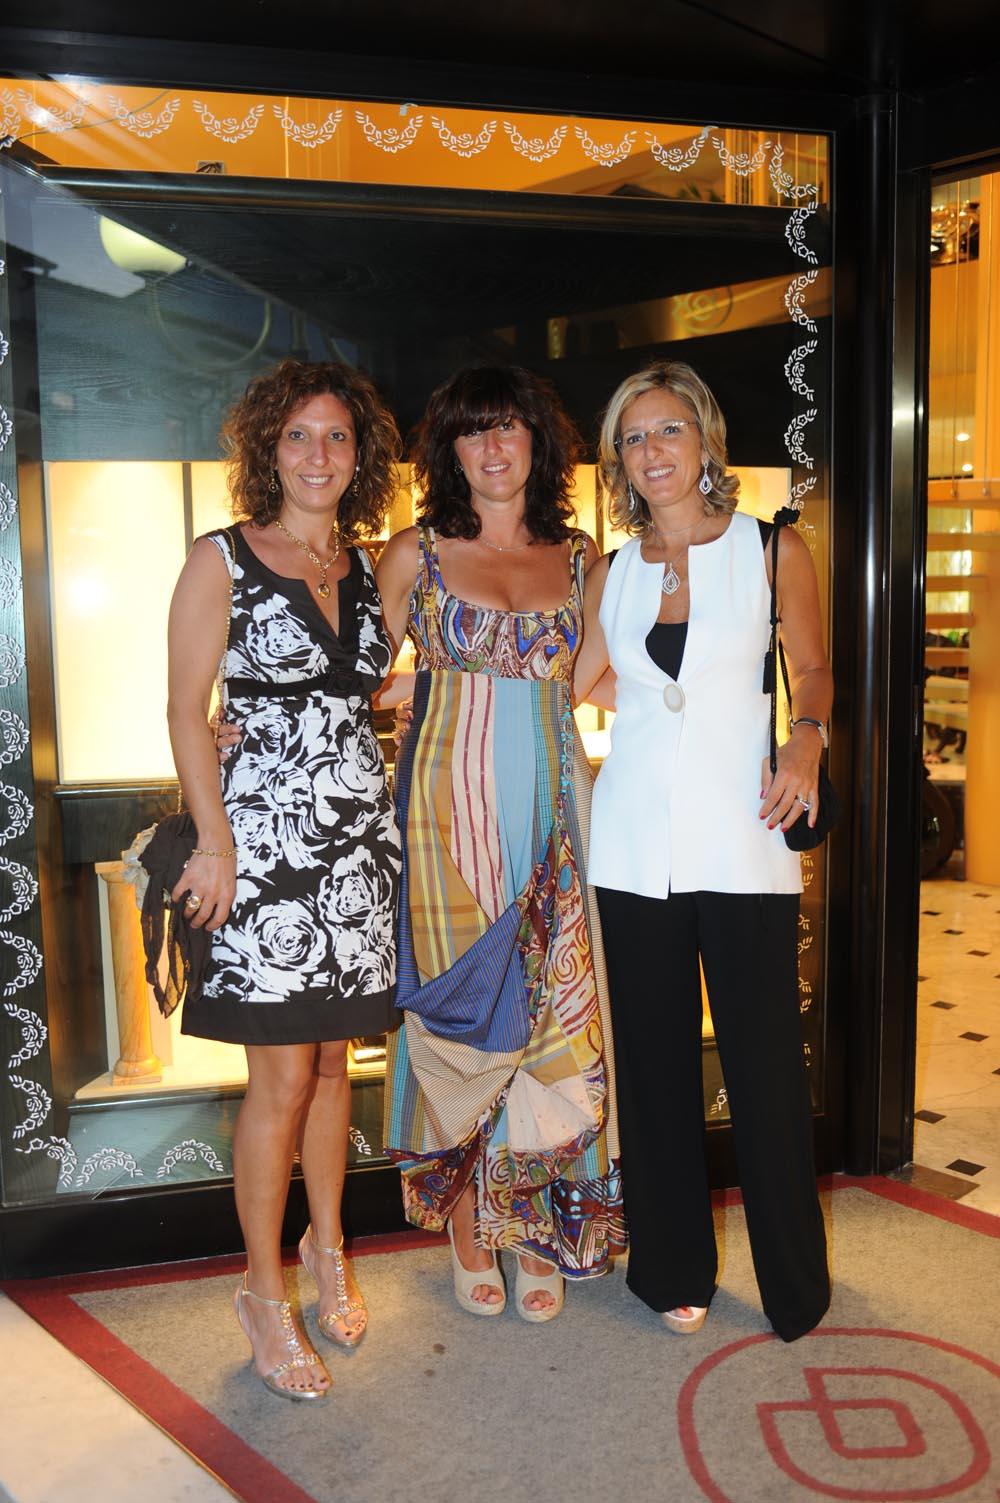 Forte dei Marmi  19 luglio 20009  festa e sfilata Bulgari da Cassetti  Rossana Casini, Debora cassetti, Carla Casini